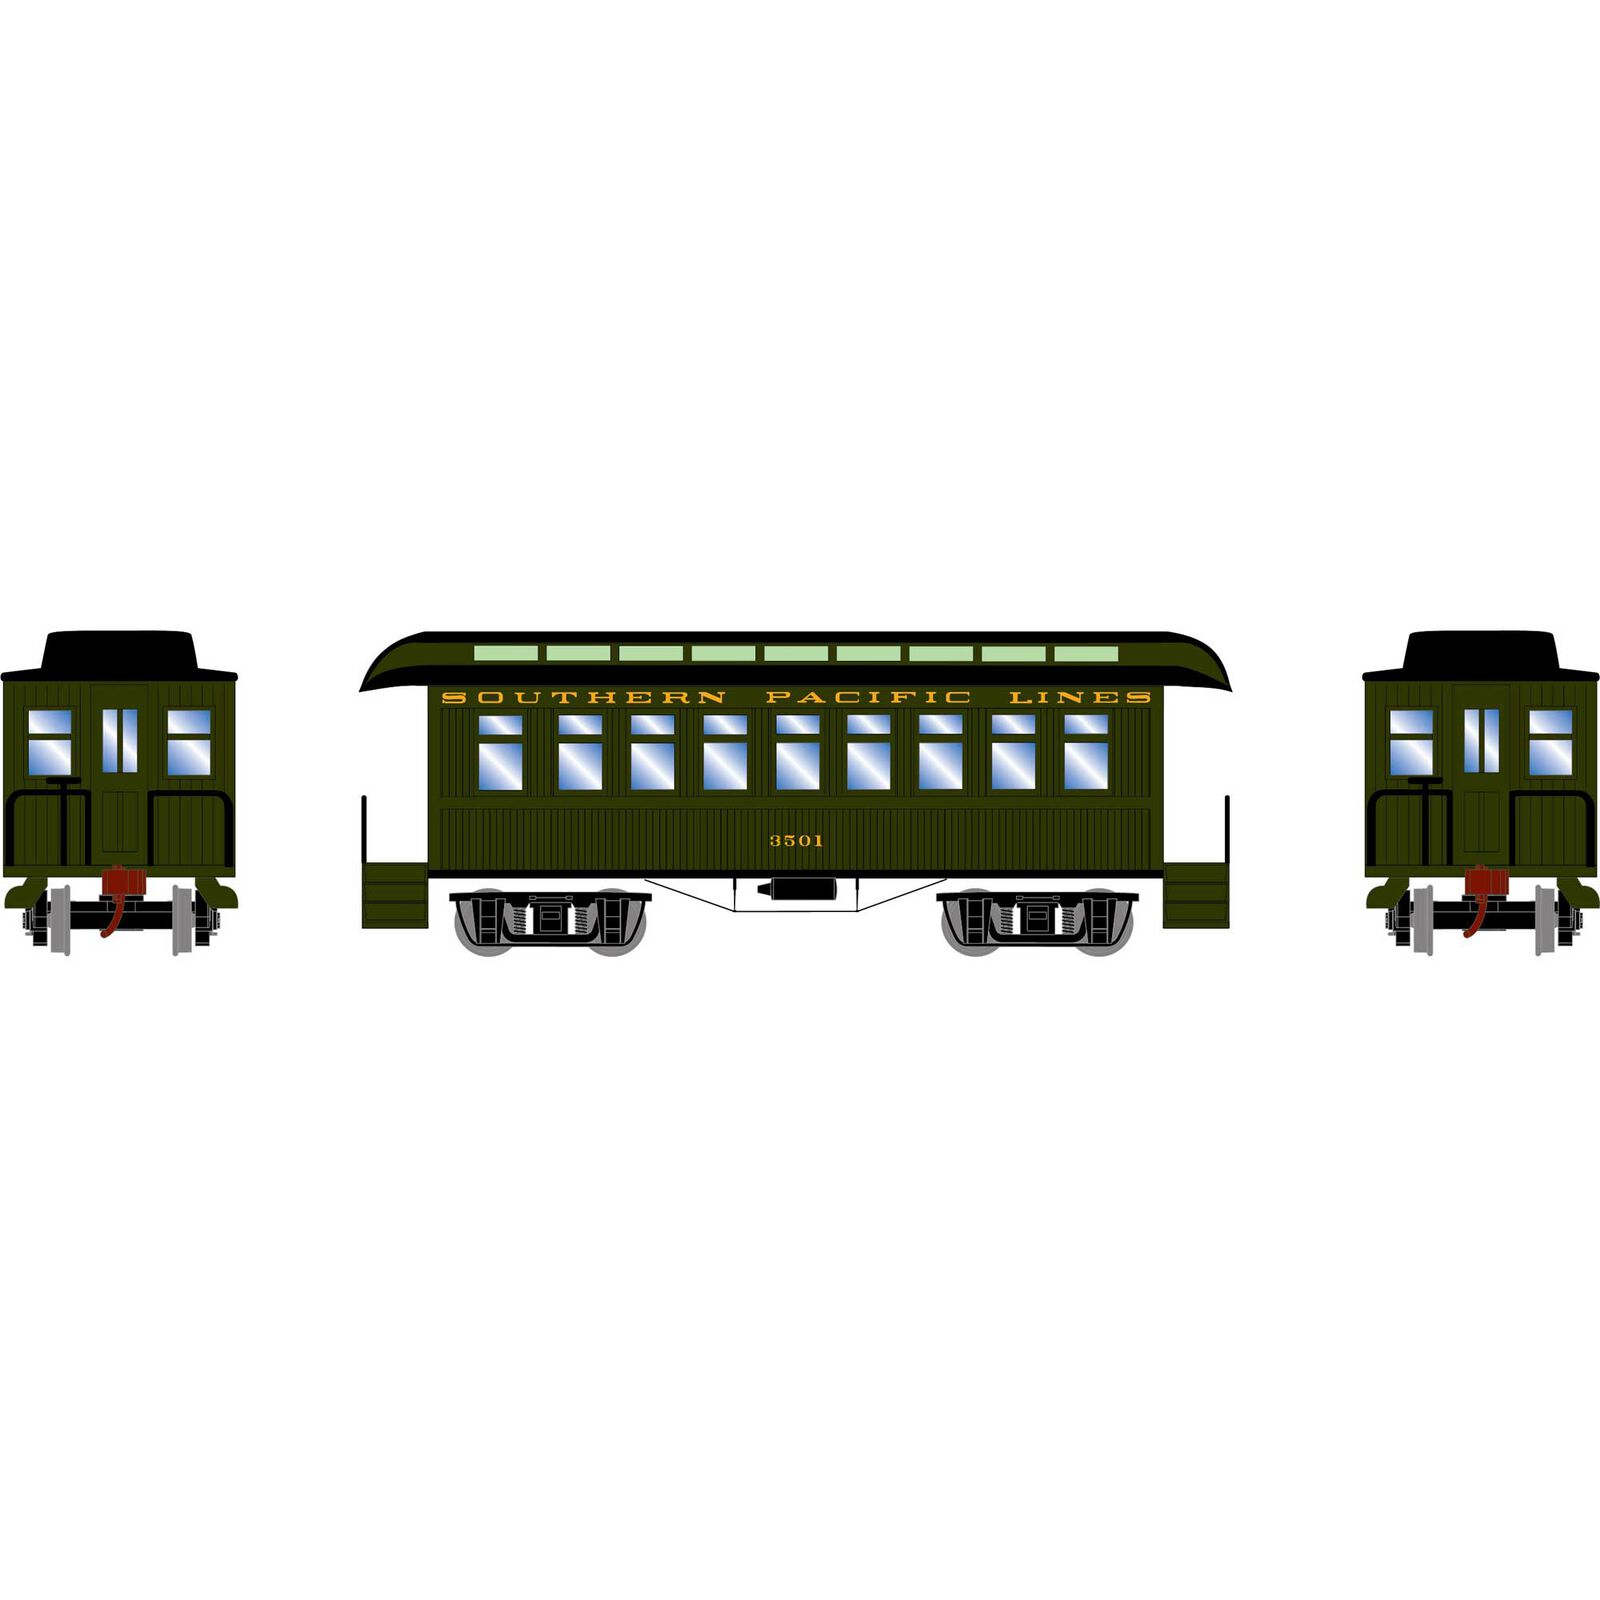 HO 34' Old Time Overton Passenger, SP #3501